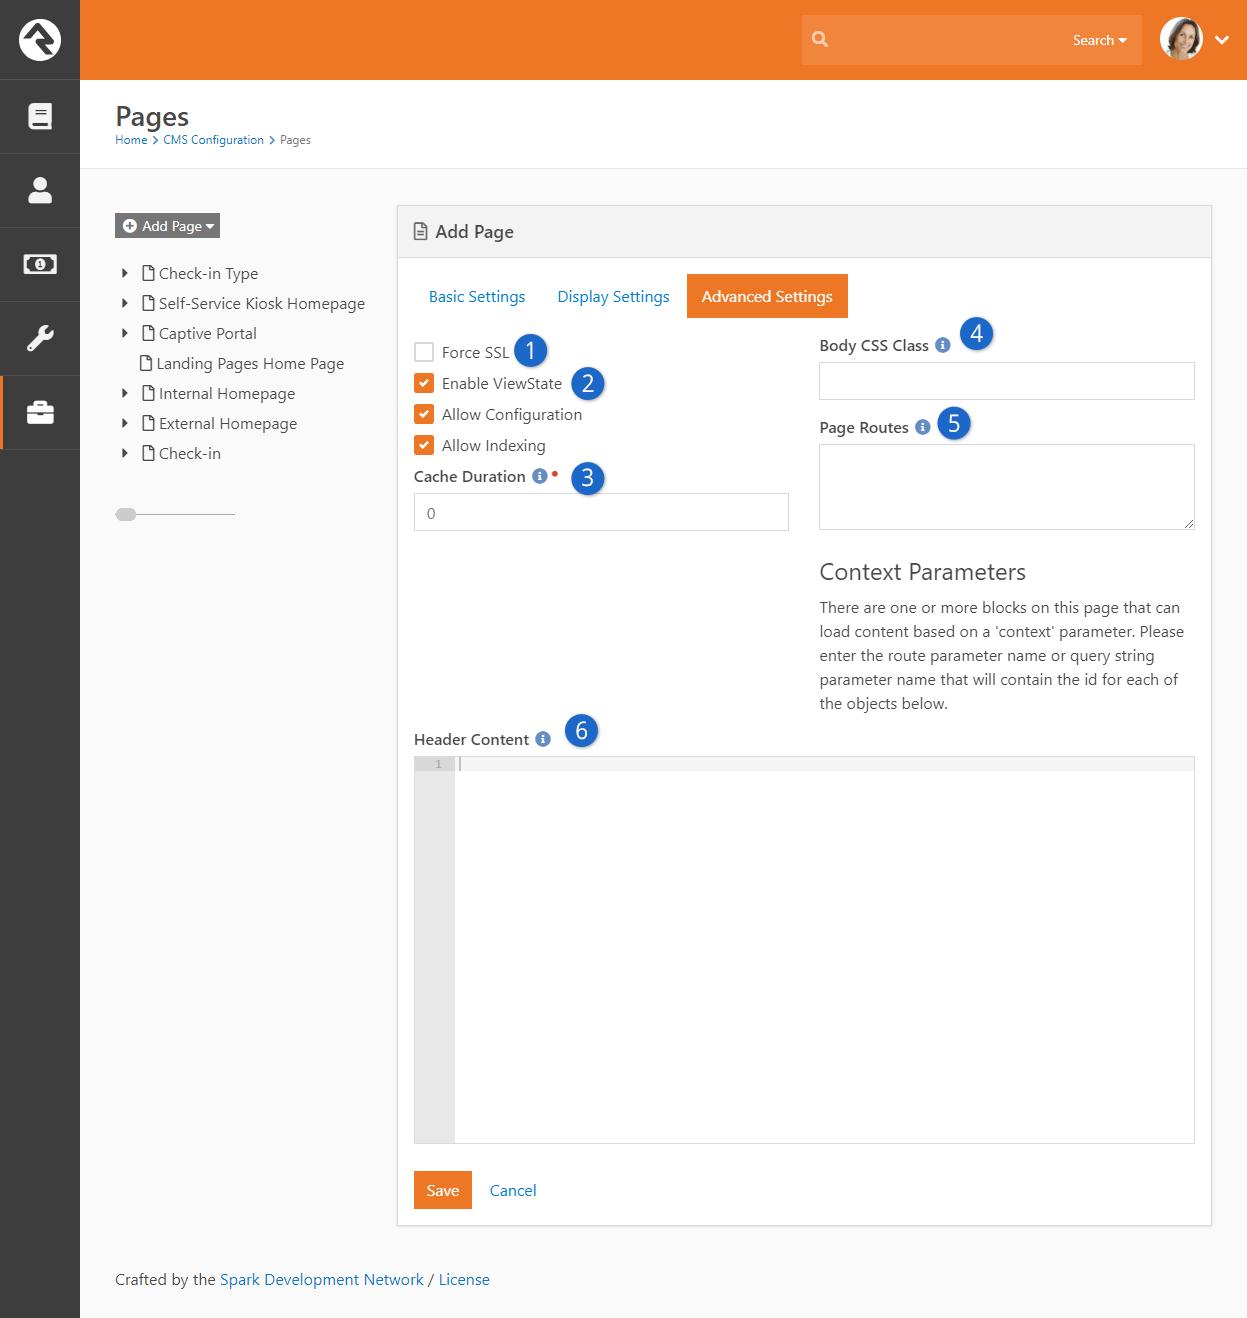 Add Page - Advanced Settings